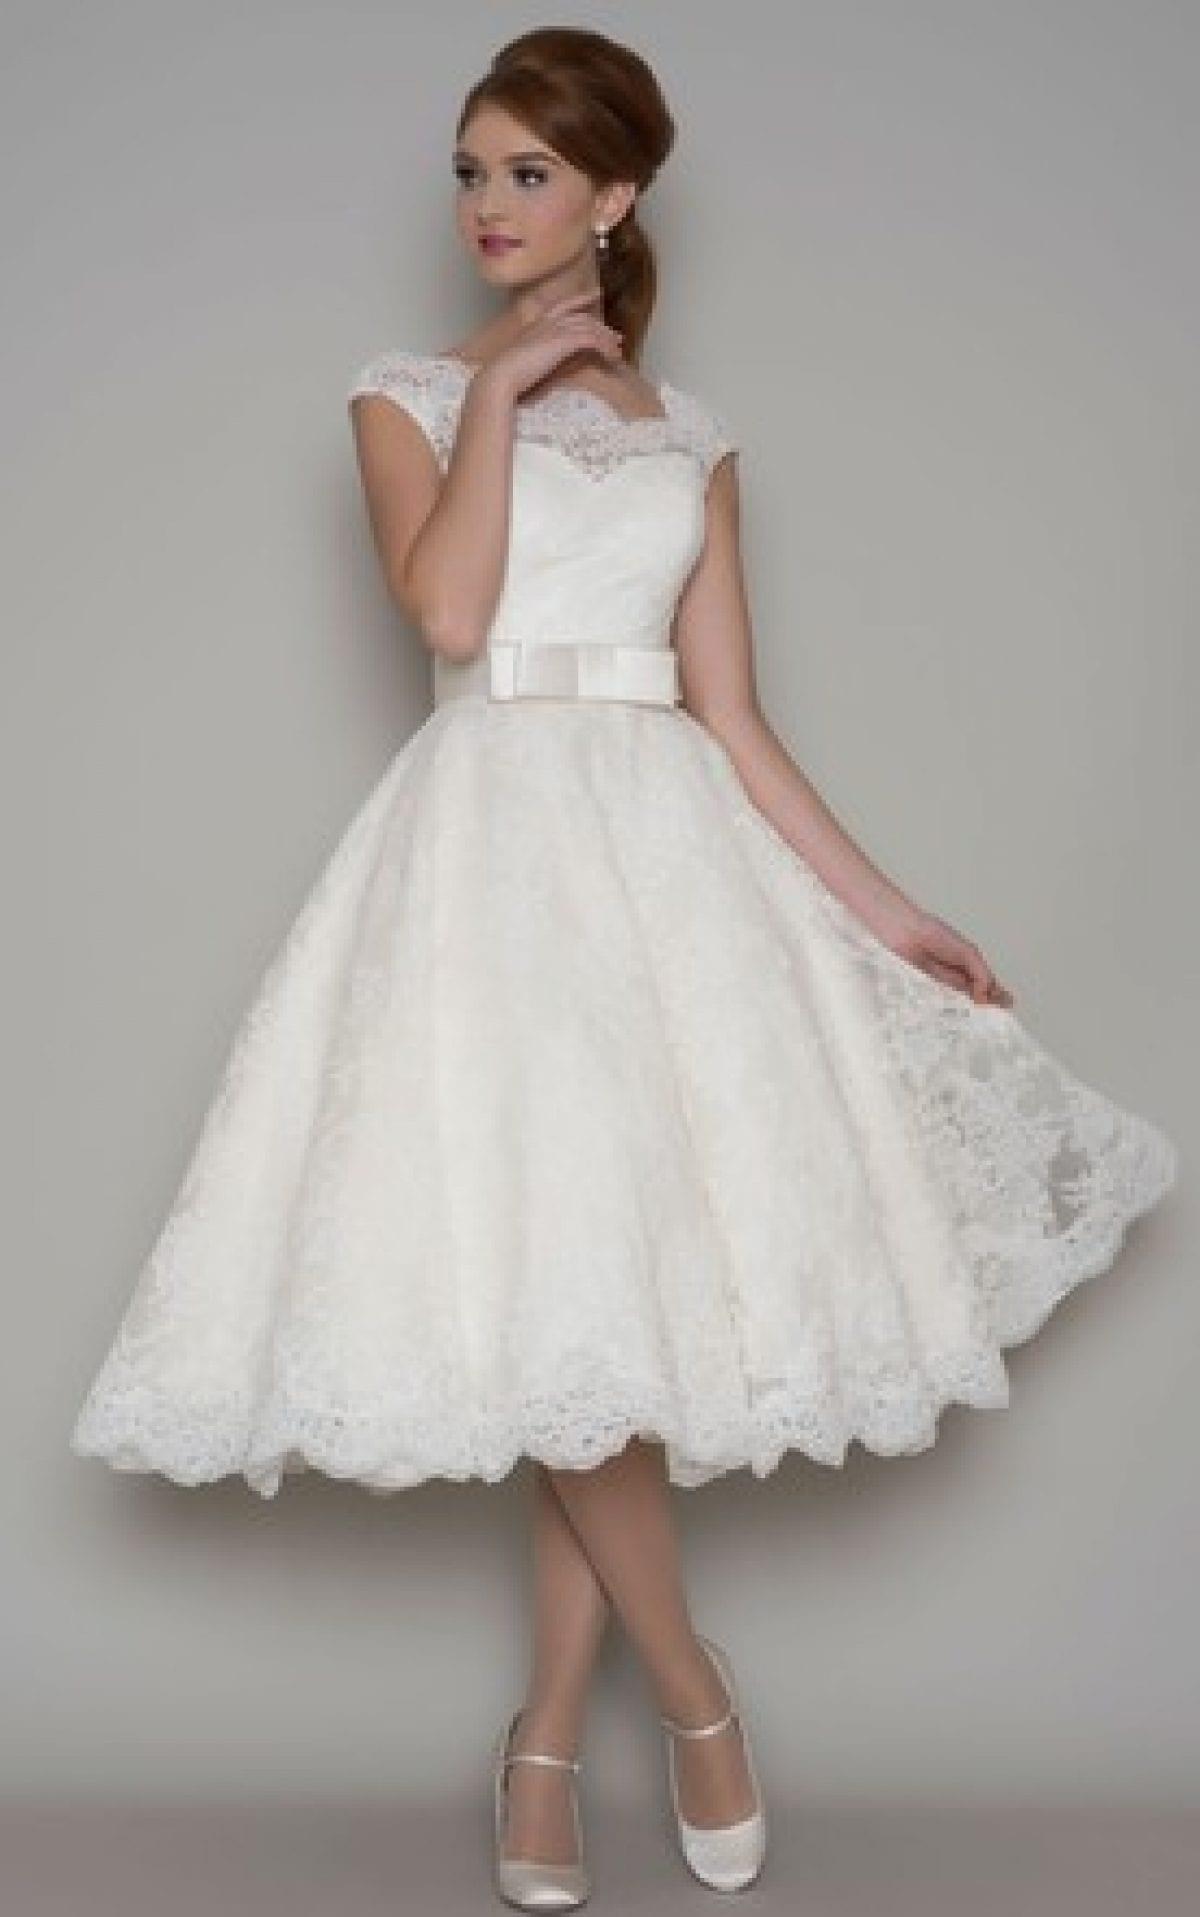 Η κουνιάδα μου θέλει να είναι «η νύφη» στη θέση της νύφης στο γάμο μας!